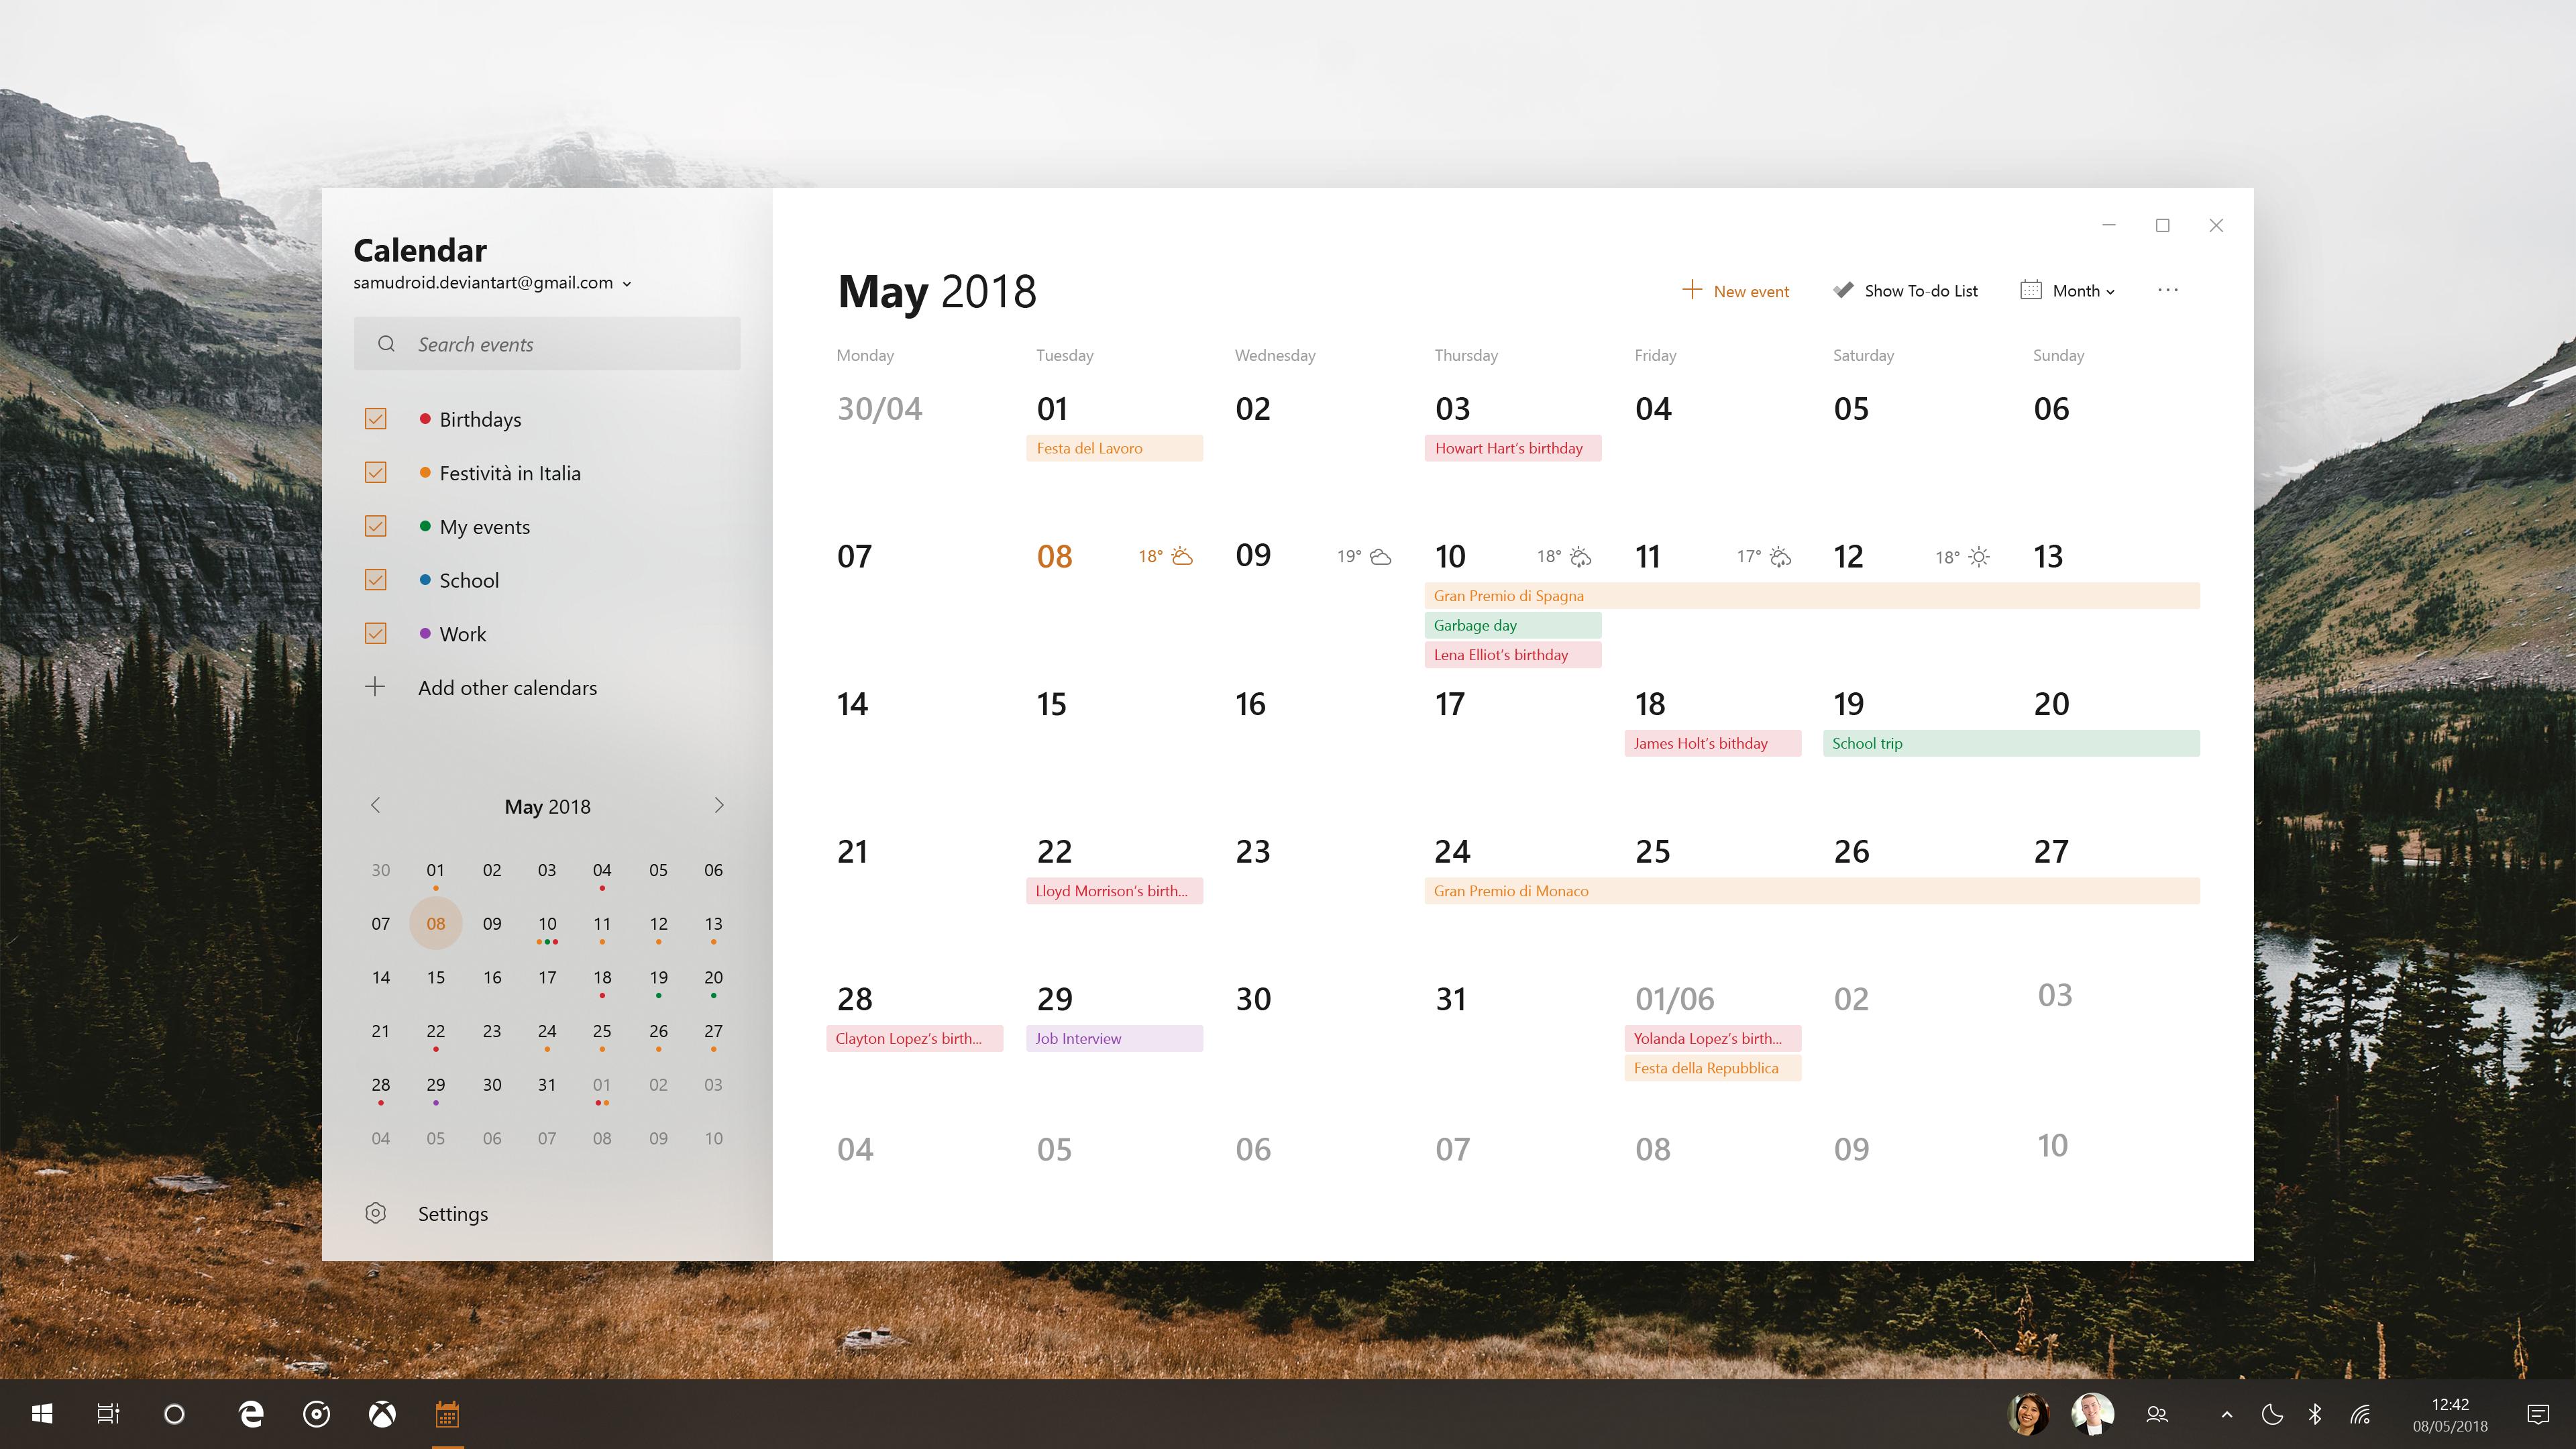 Microsoft Fluent Design System Calendar V2 By Samudroid On Deviantart